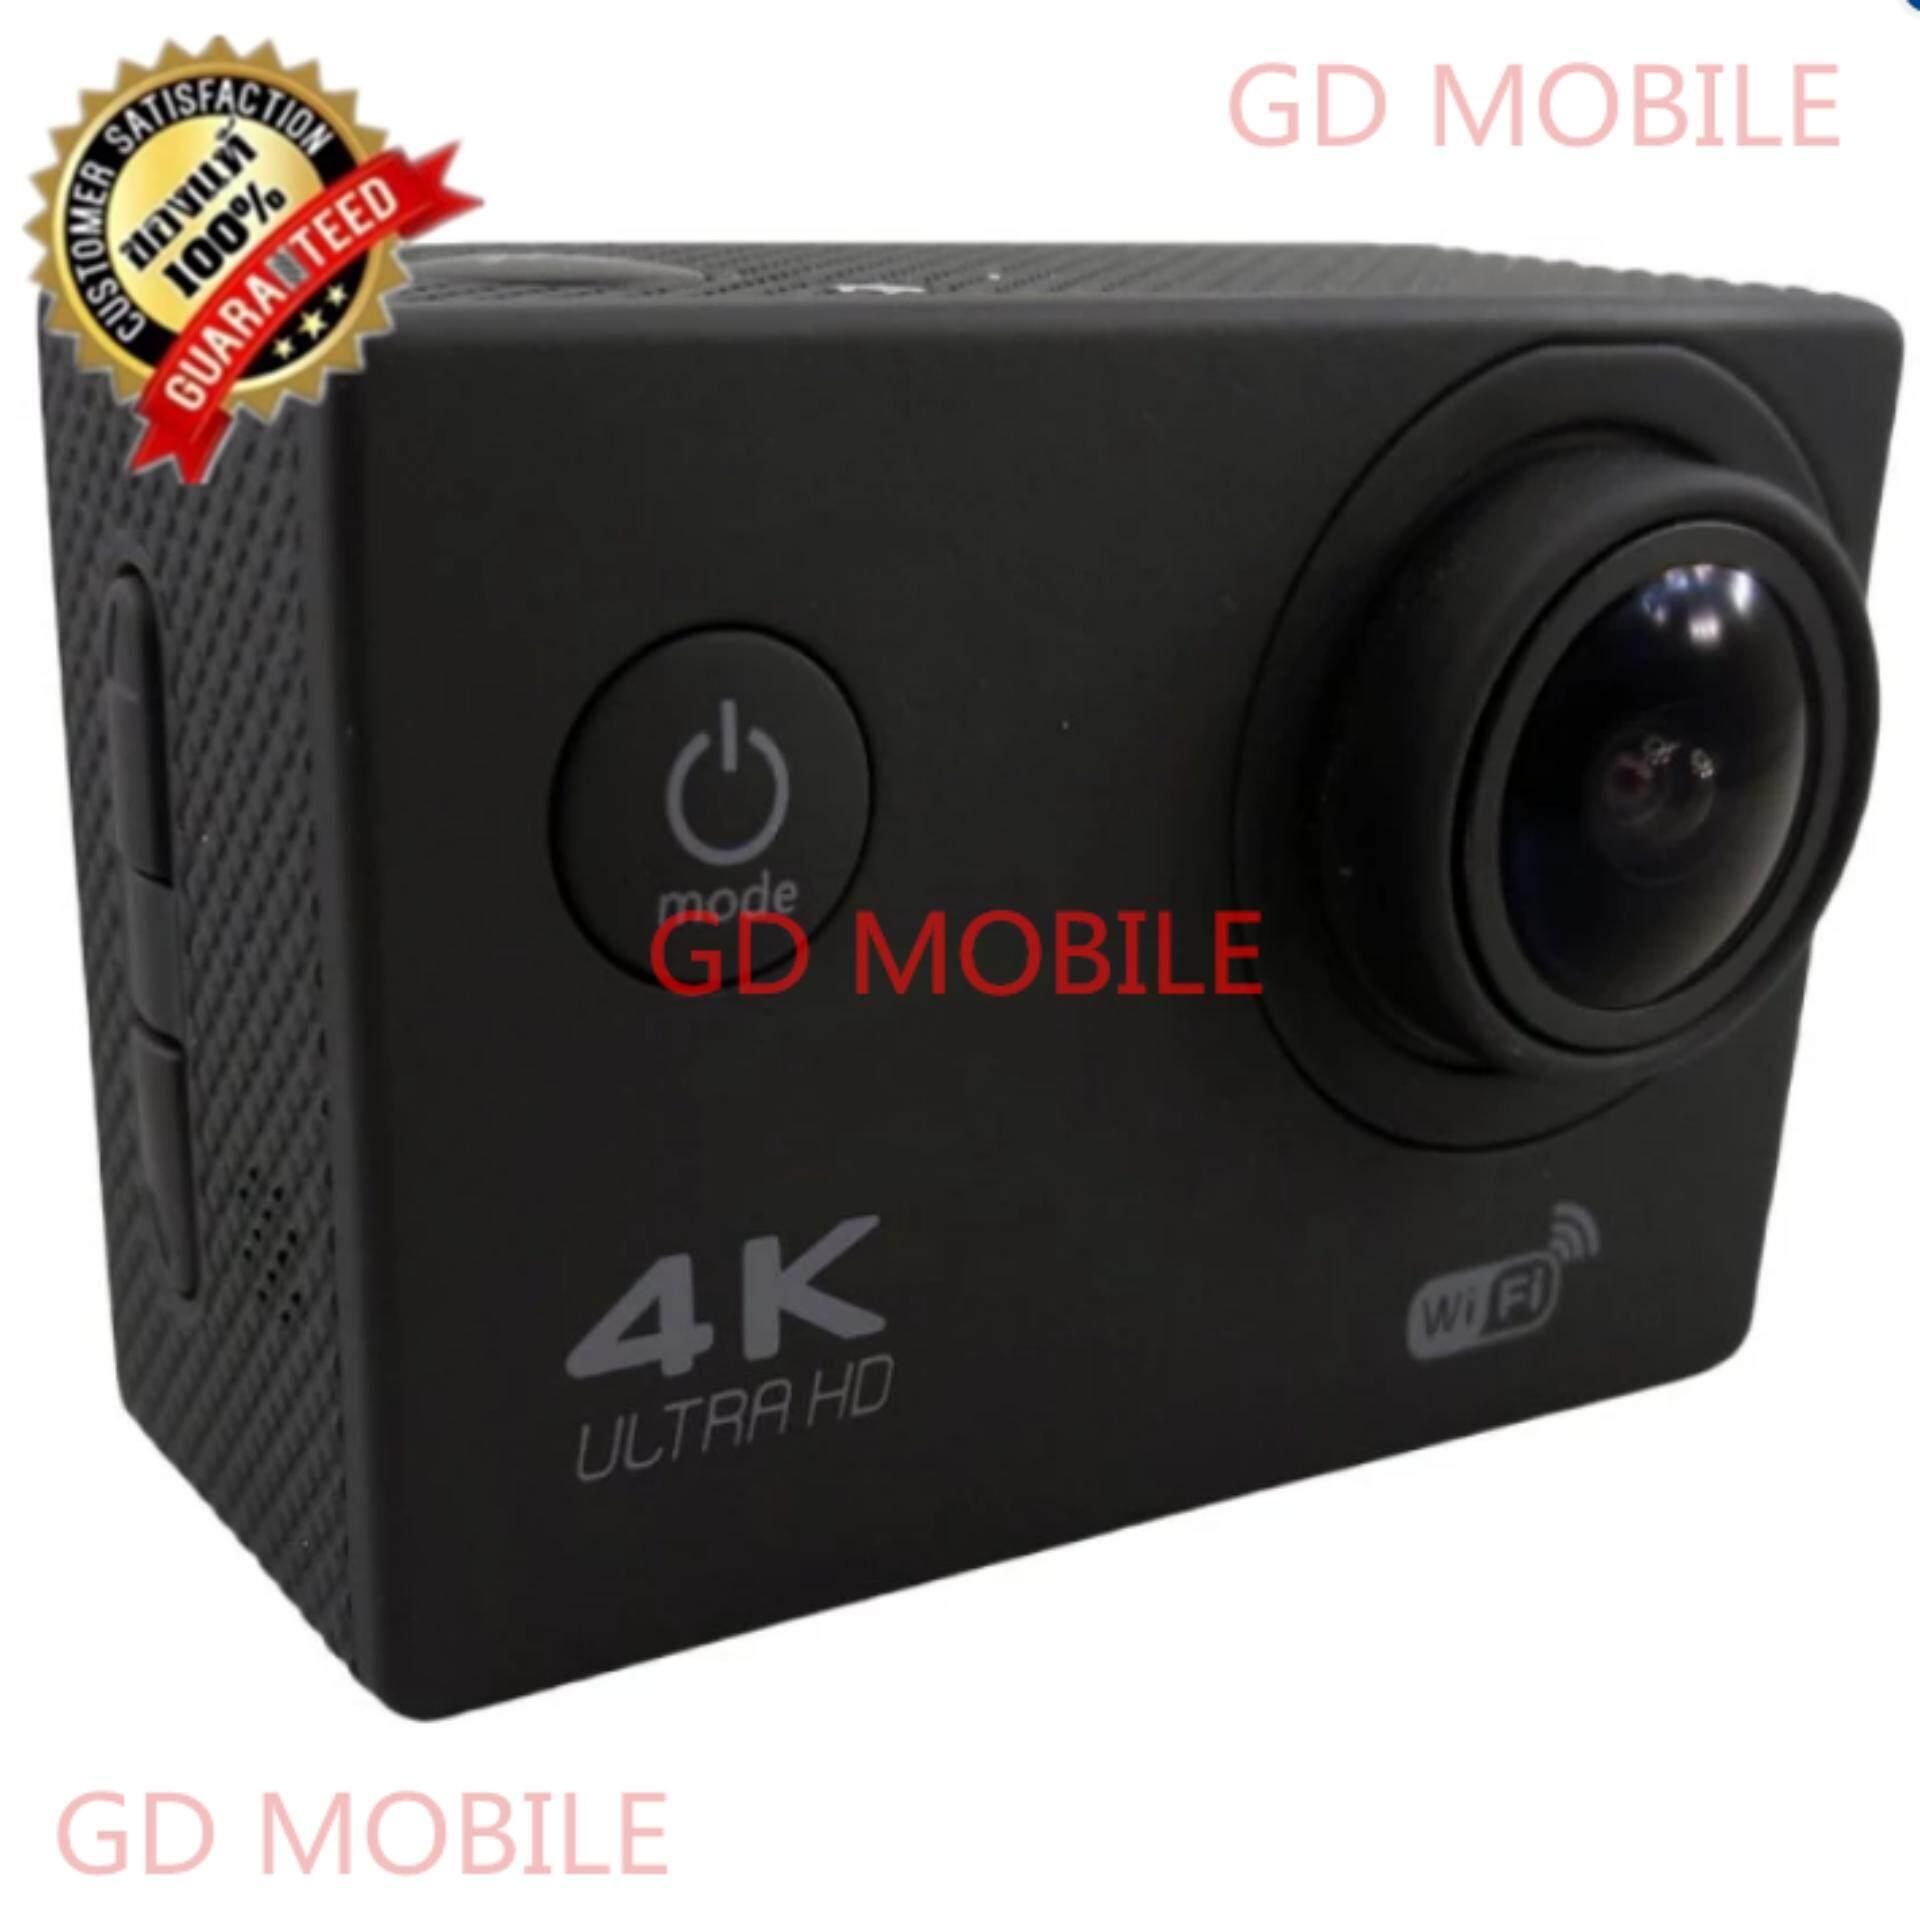 GD MOBILE กล้องกันน้ำ Action Camera HD 2 4K ULTRA HD wifi JX 100% ของแท้เท่านั้น